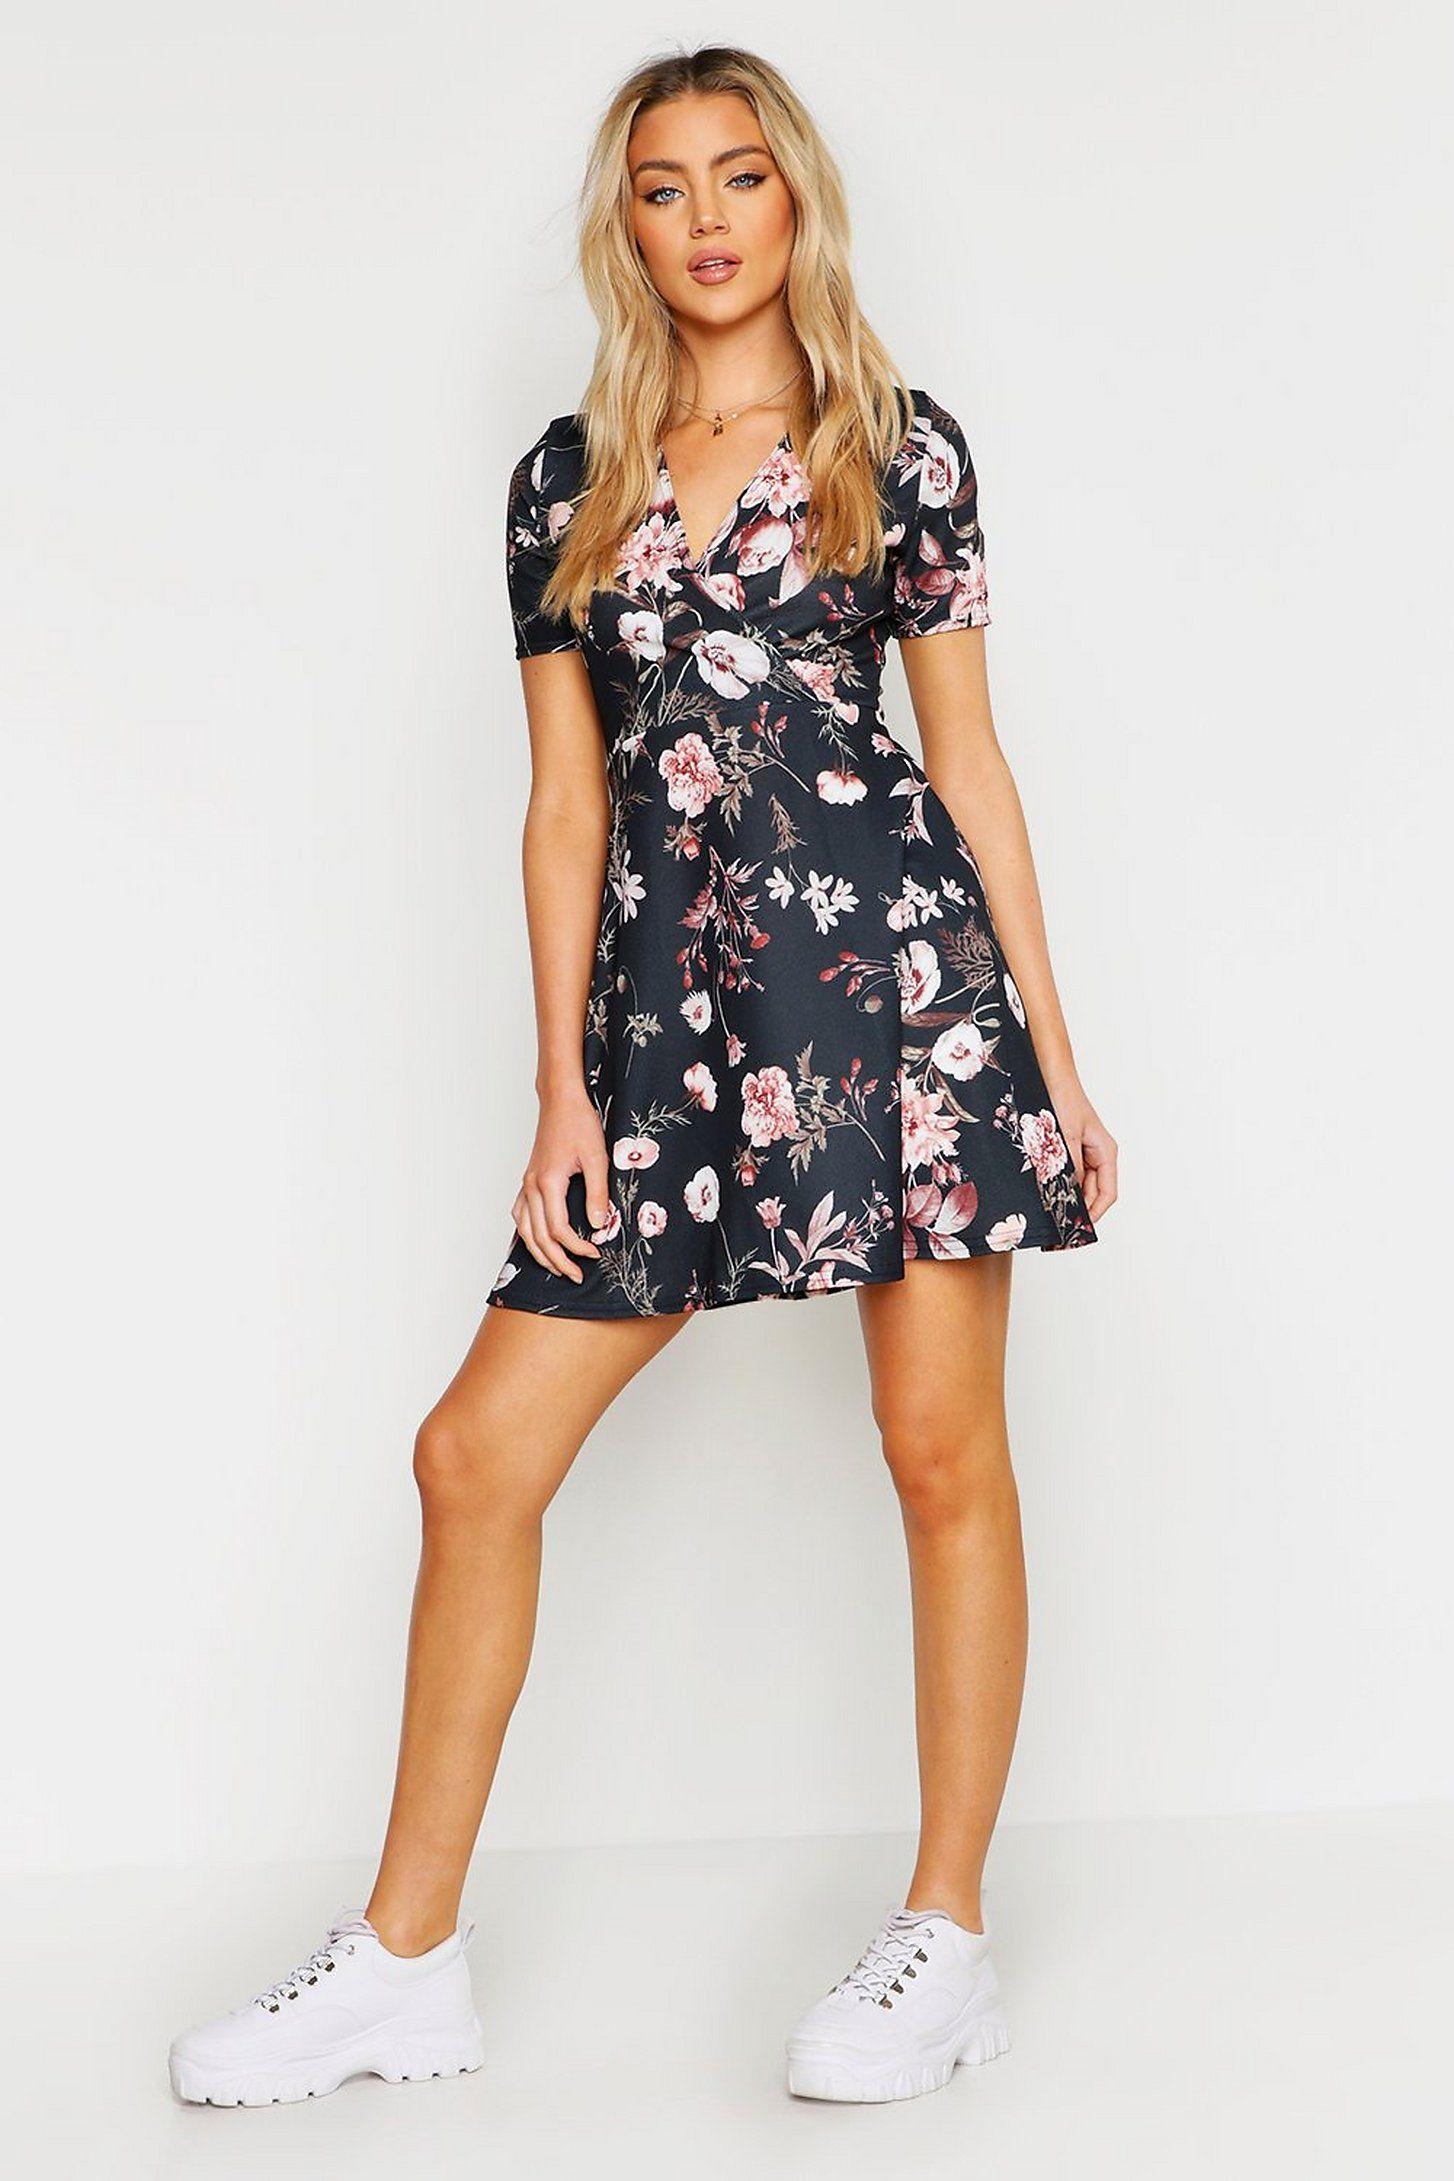 Wrap Floral Skater Dress Boohoo Floral Skater Dress Summer Dress Outfits Skater Dress [ 2181 x 1454 Pixel ]